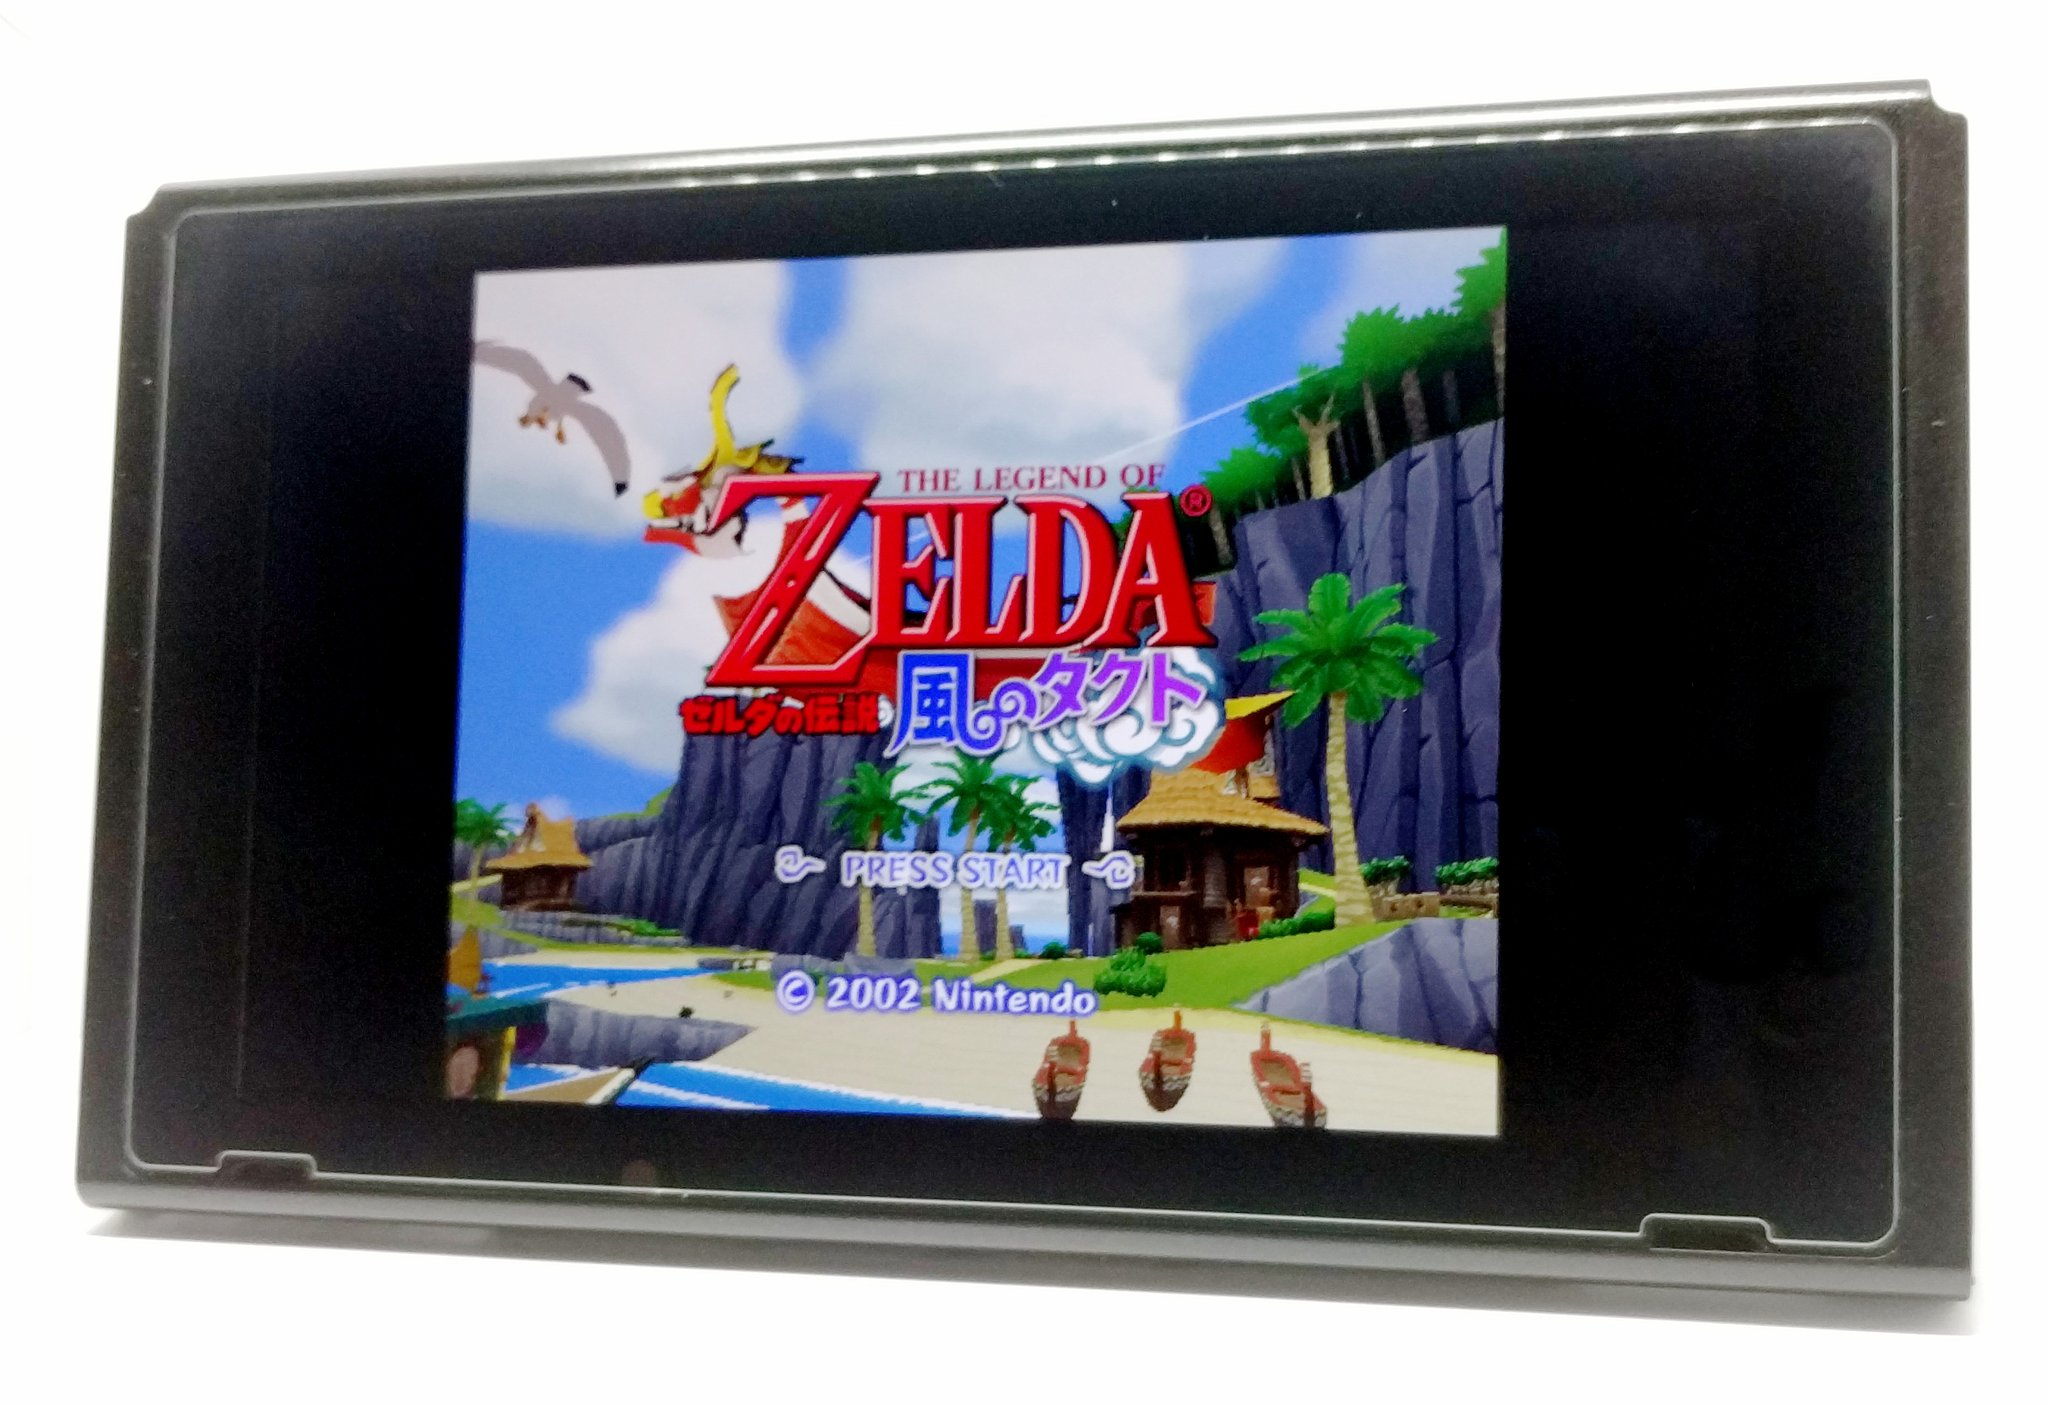 Недавно выложенный эксплоит позволяет взломать любую консоль Nintendo Switch - 1